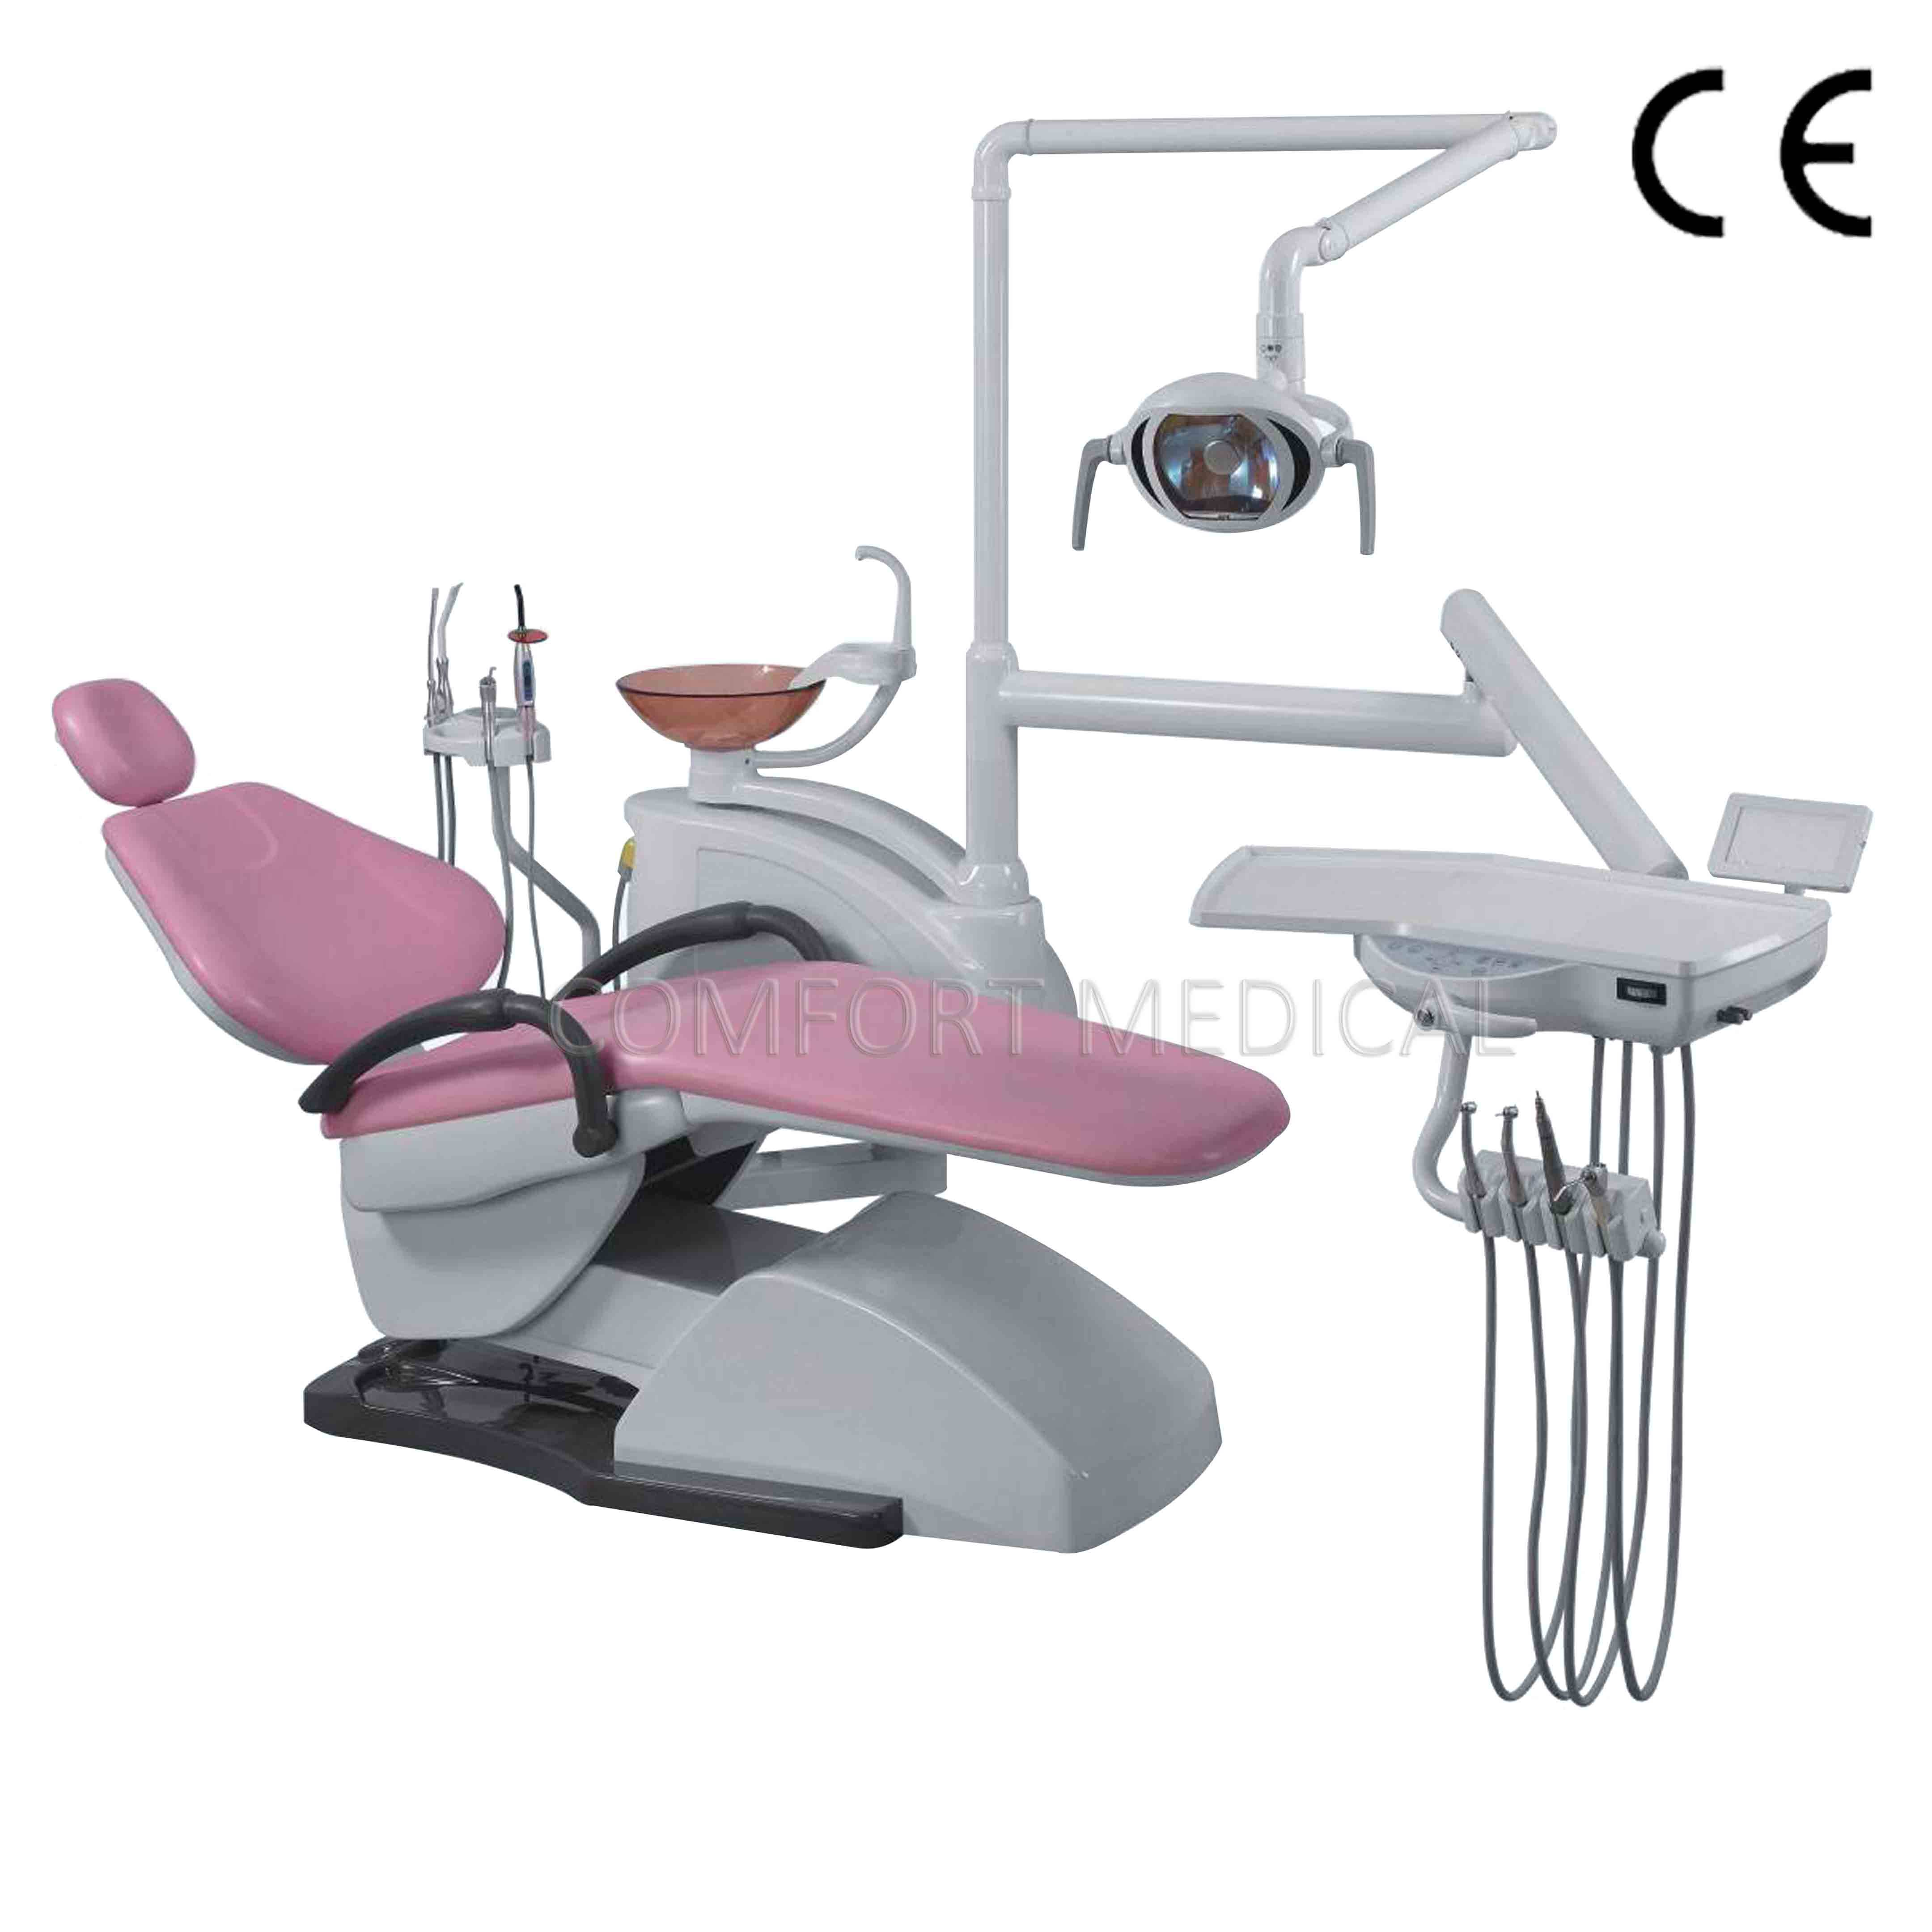 Dental equipment CF-215 dental chair unit